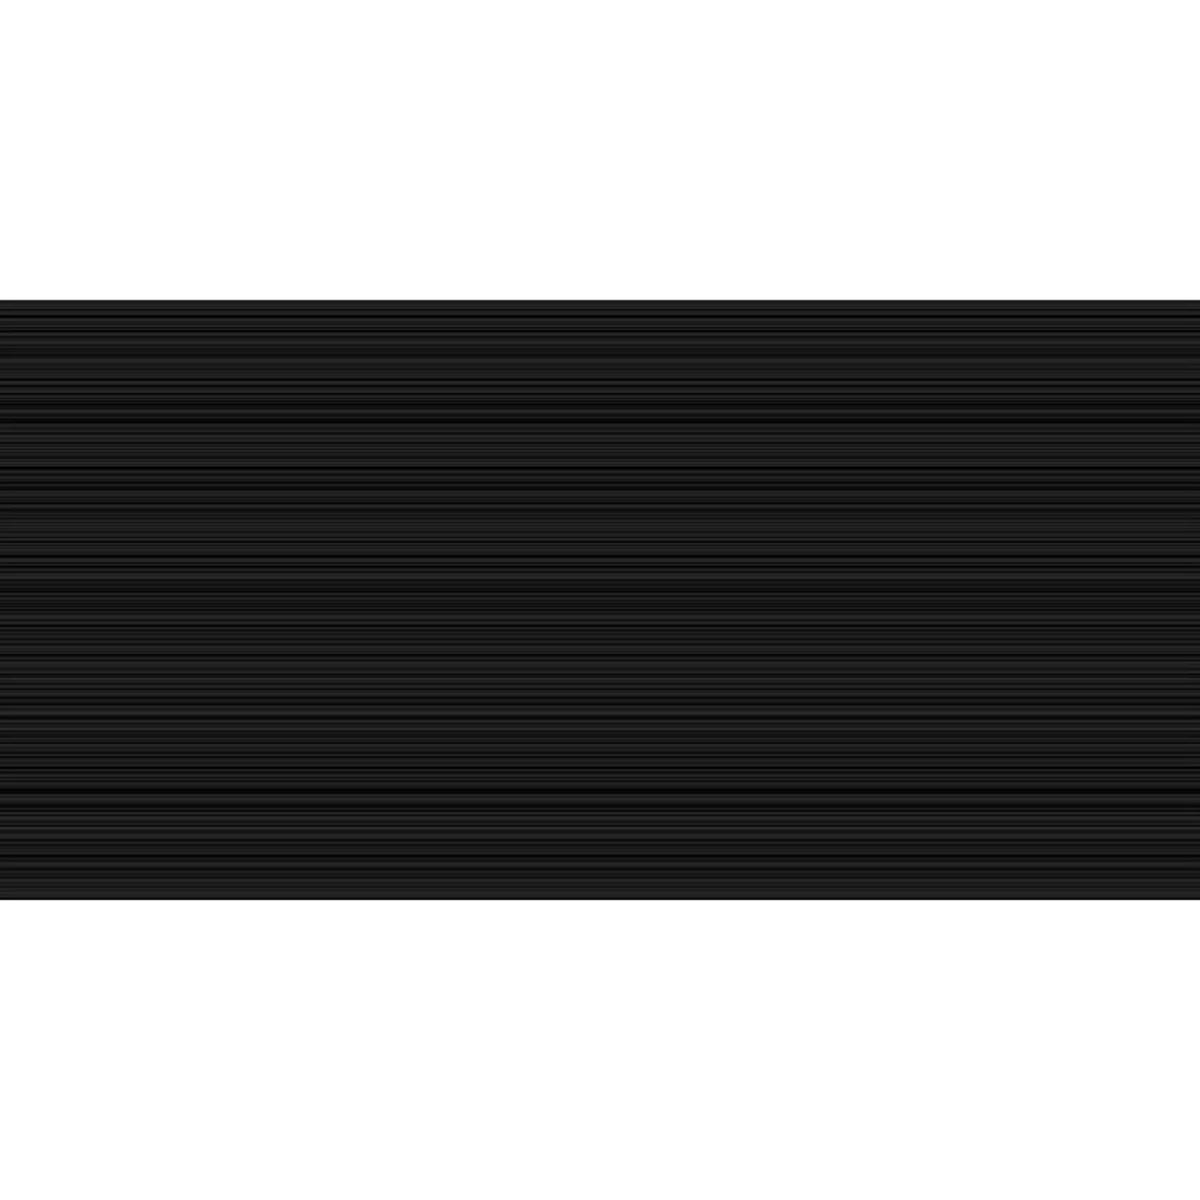 Плитка настенная Ночь 25x50 см 1.375 м2 цвет черный